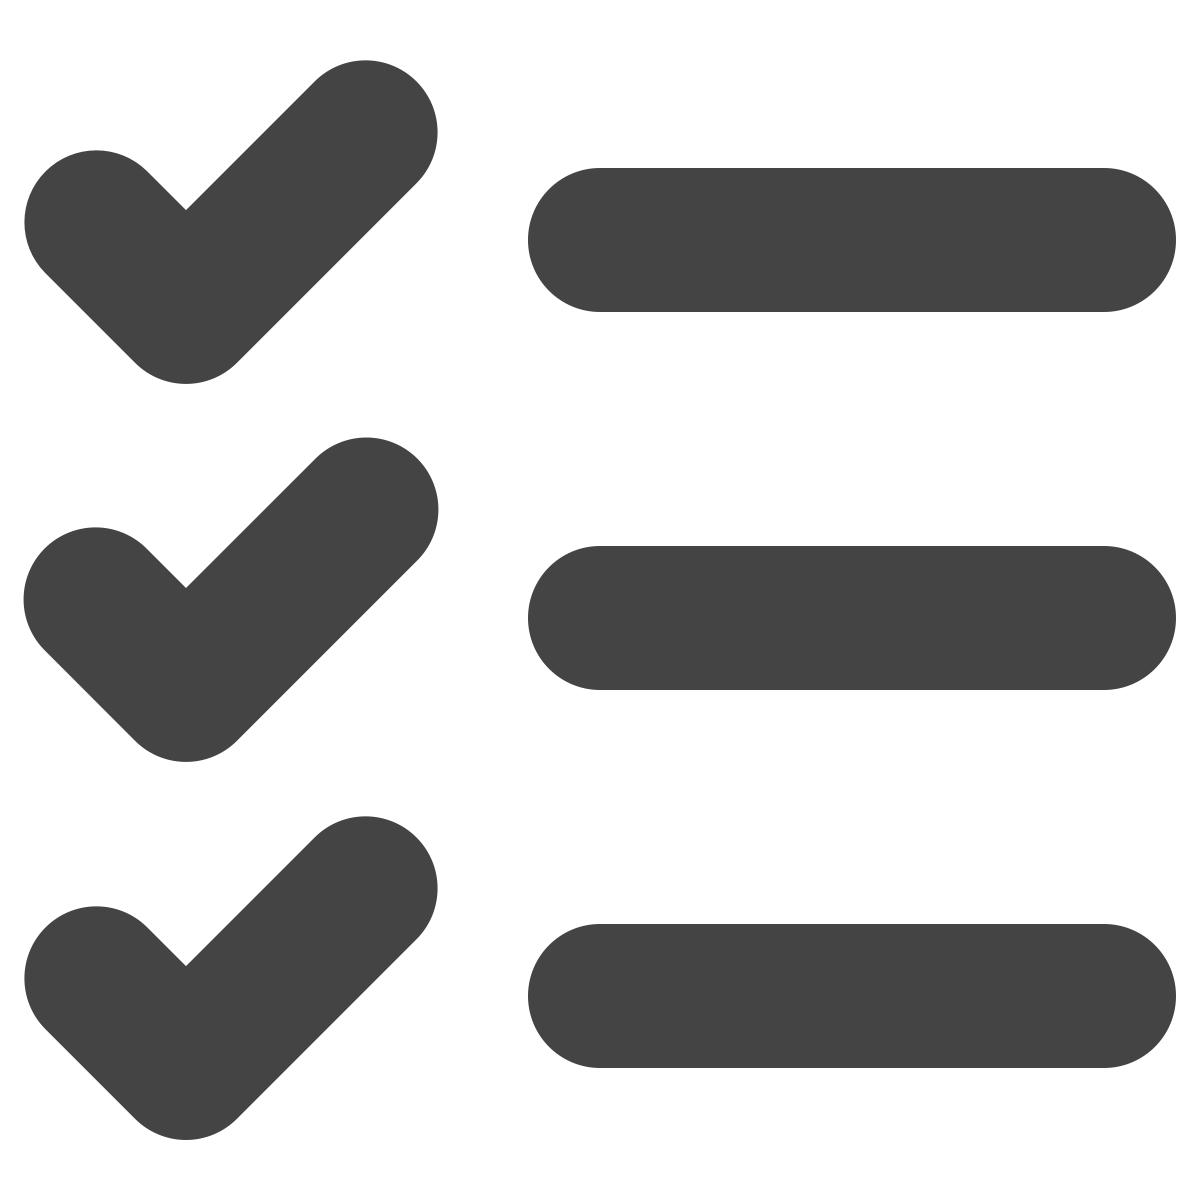 errata.ai's logo